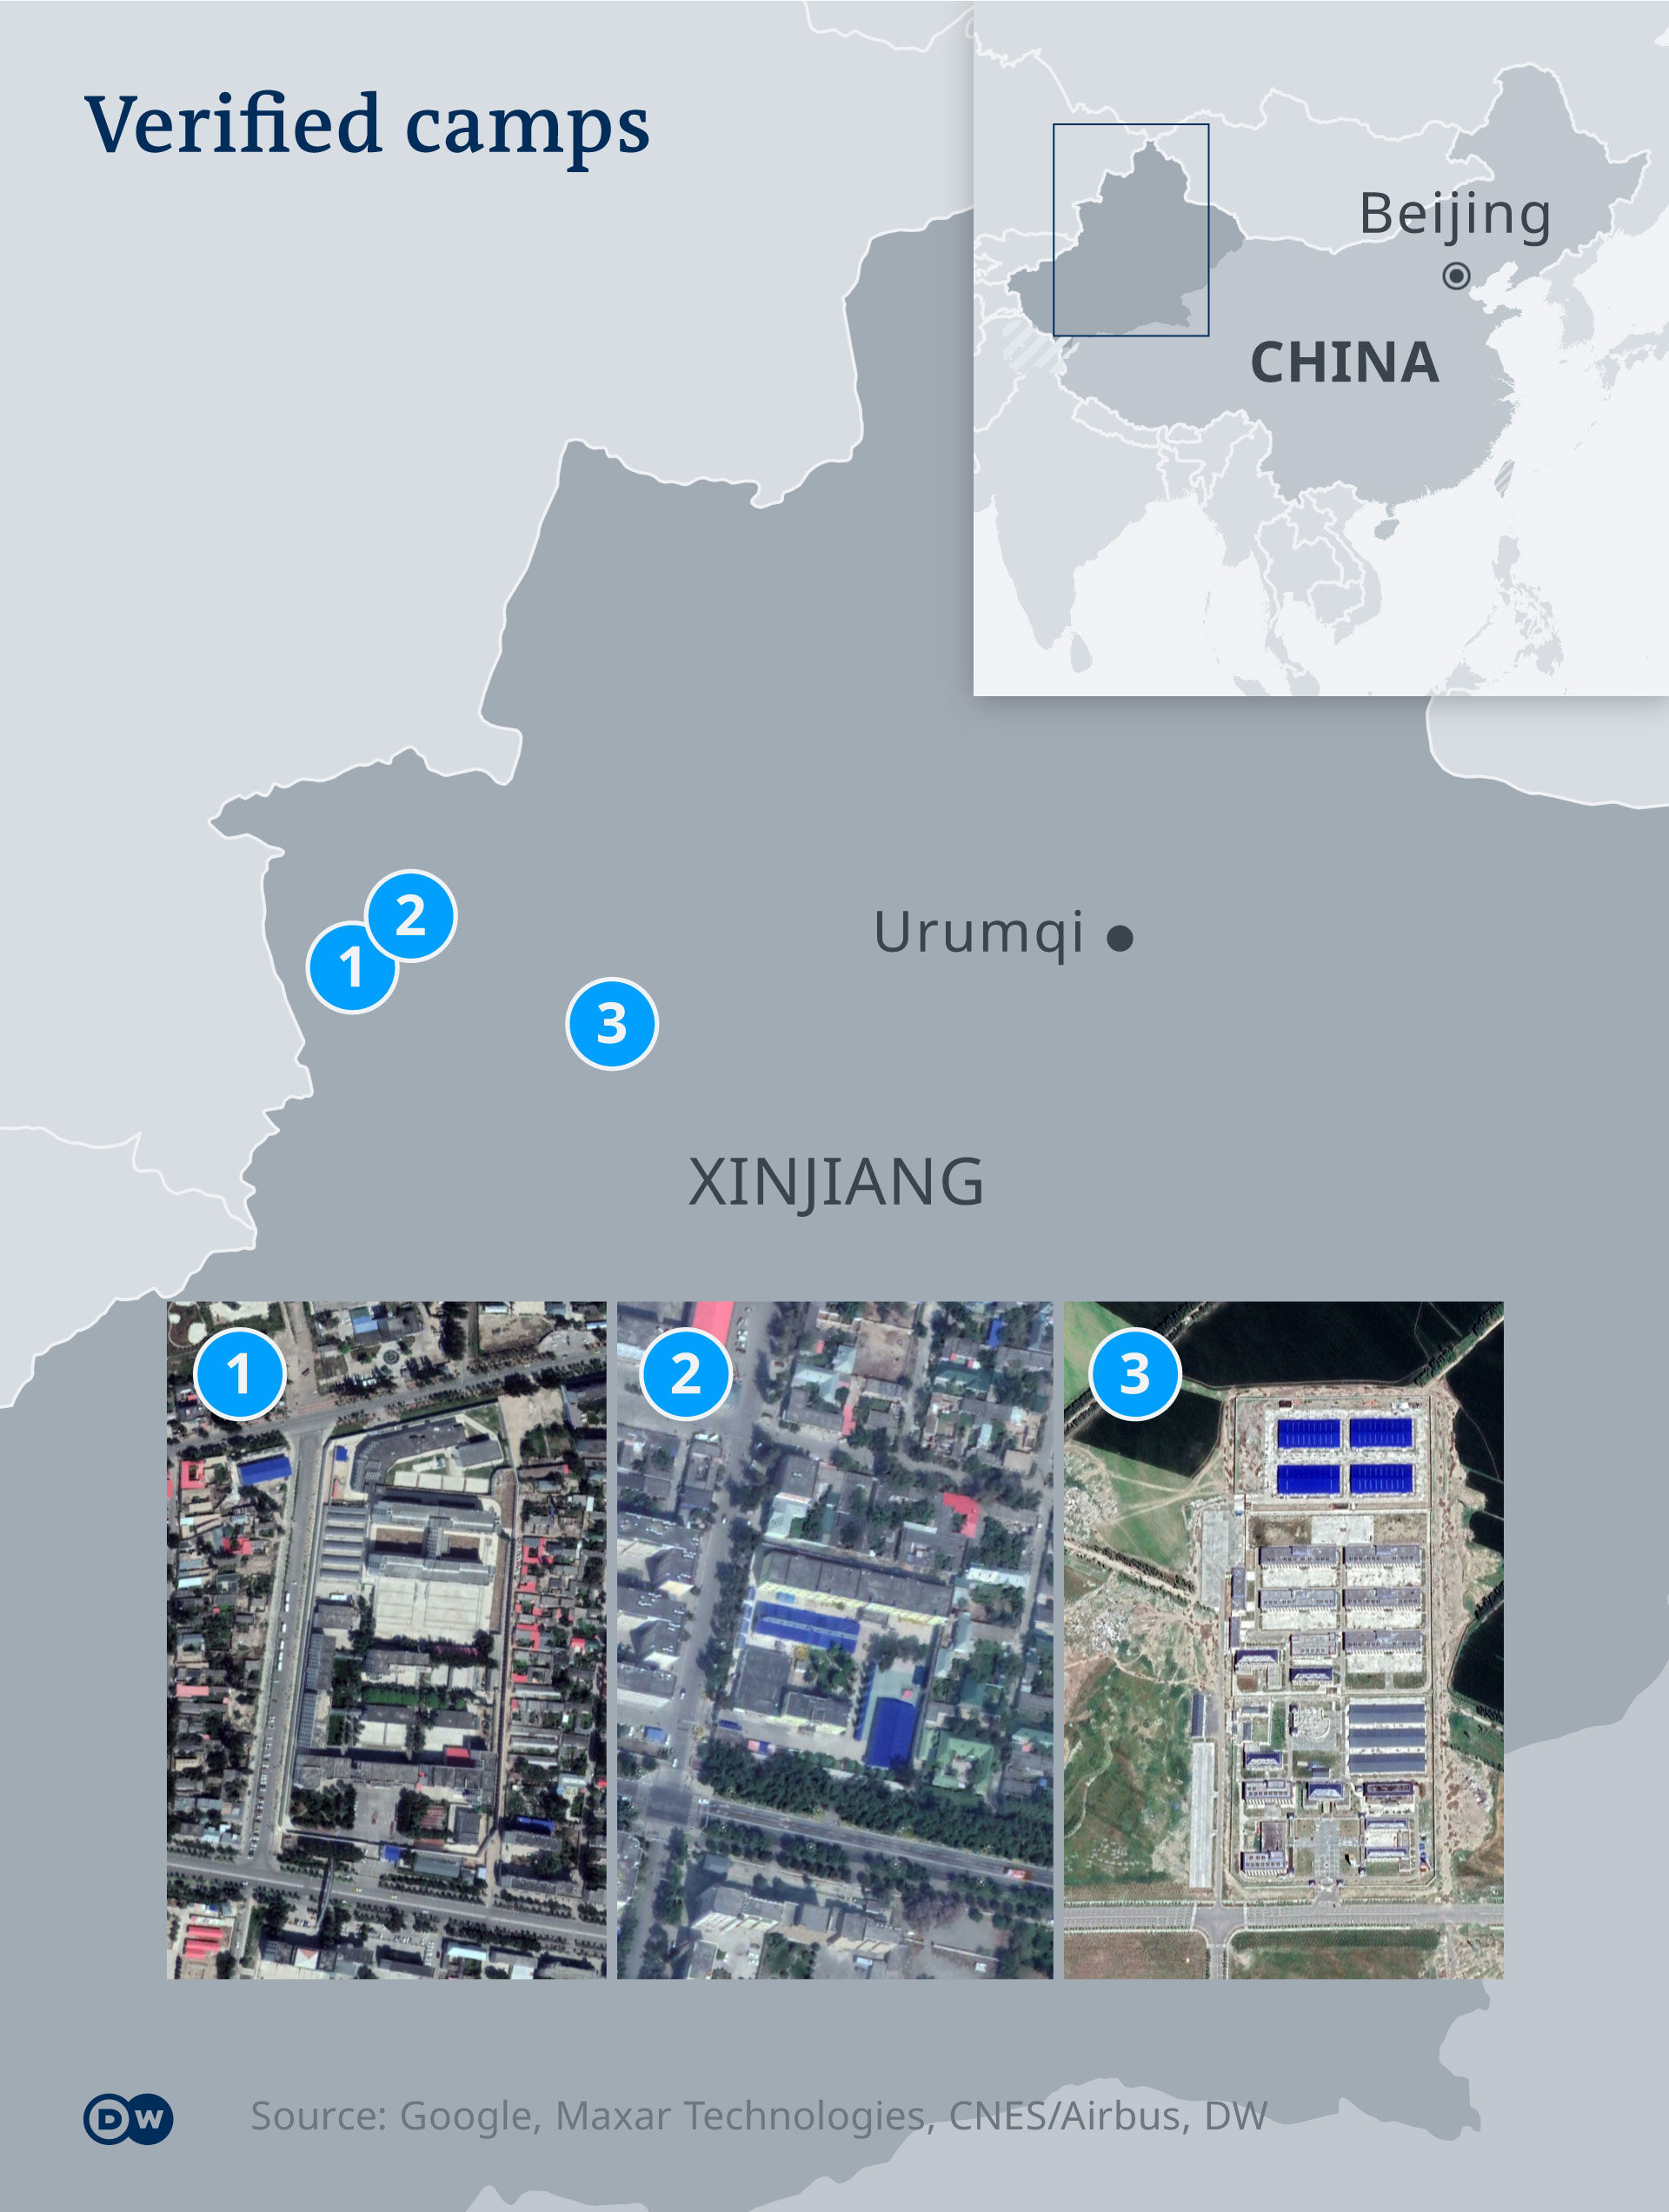 Kamp re-edukasi milik Cina di Xinjiang.